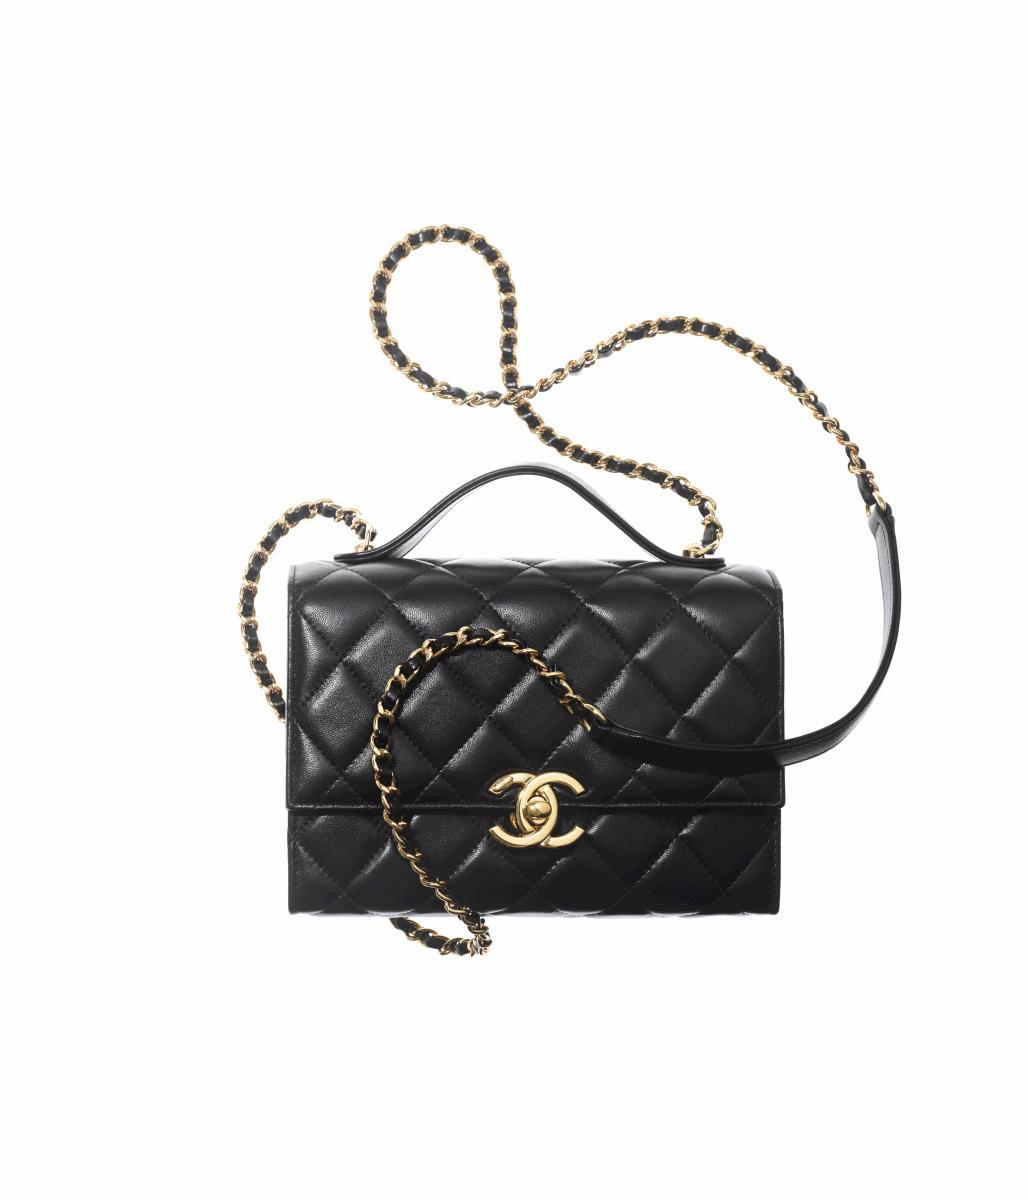 Chanel秋冬購物清單!絨毛小圓包、獨角獸粉11.12全都美翻天!這款「粉餅包」連專櫃小姐都搶著要!-10